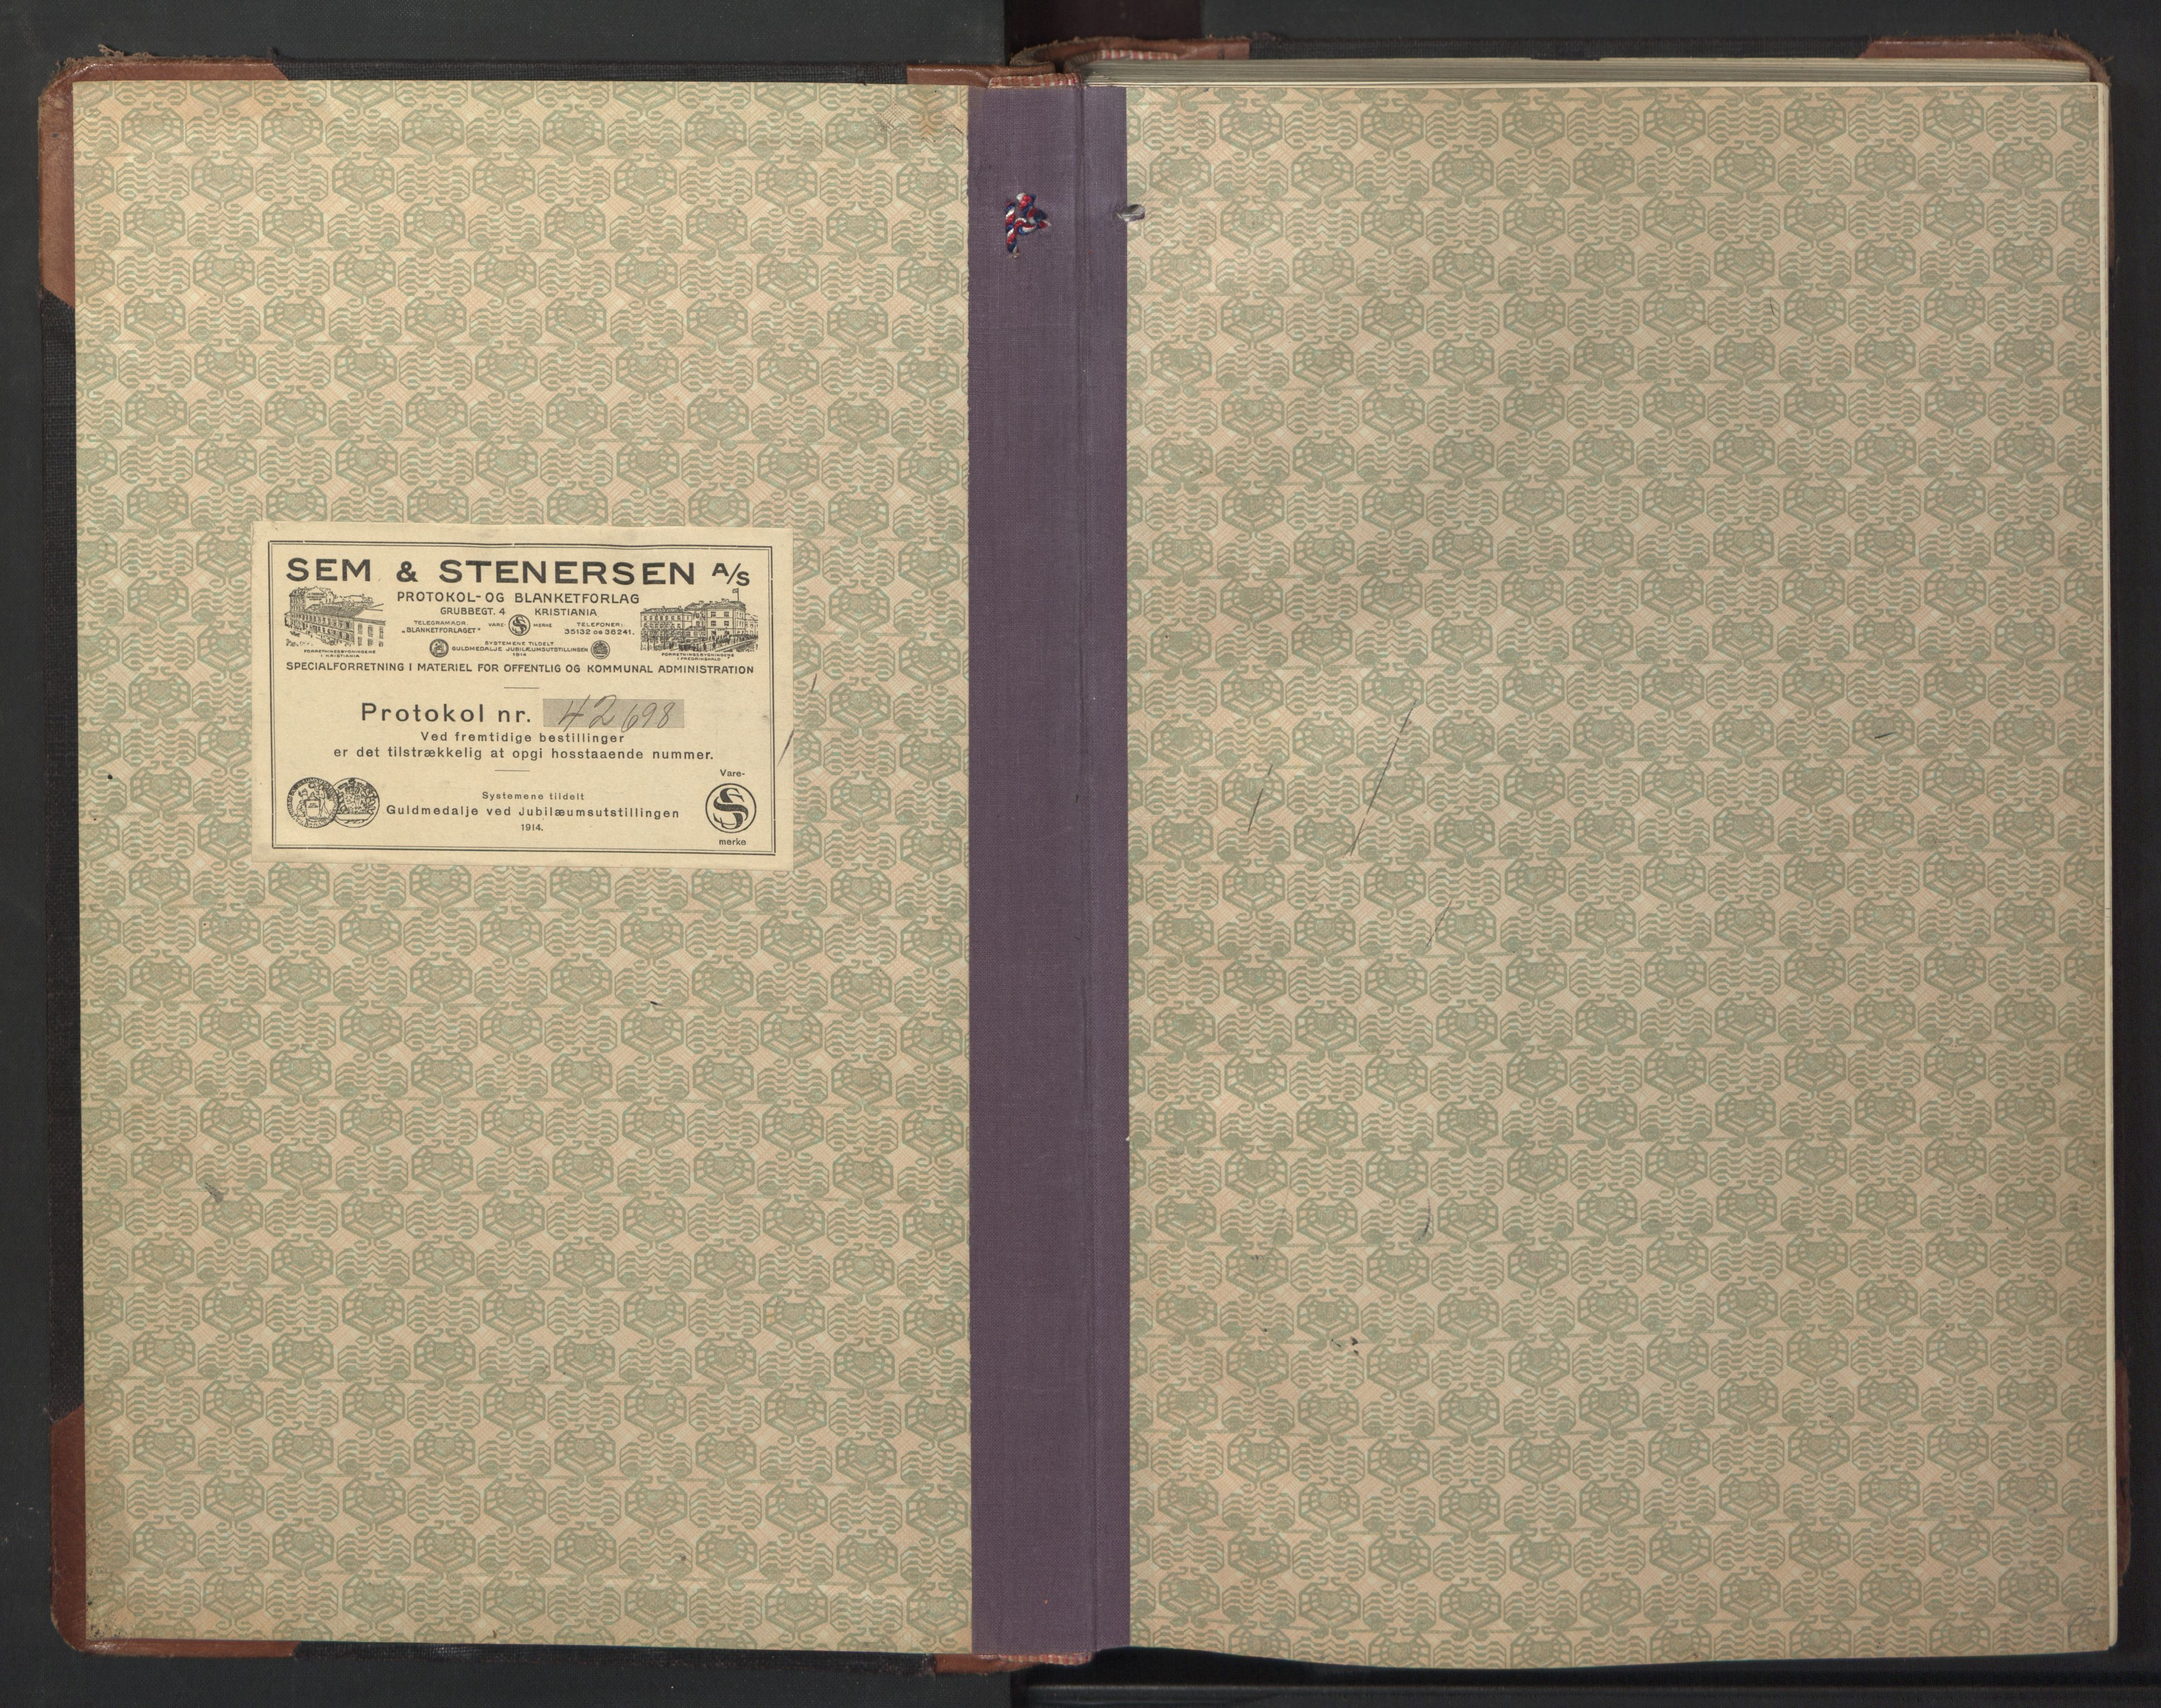 SAT, Ministerialprotokoller, klokkerbøker og fødselsregistre - Sør-Trøndelag, 669/L0832: Klokkerbok nr. 669C02, 1925-1953